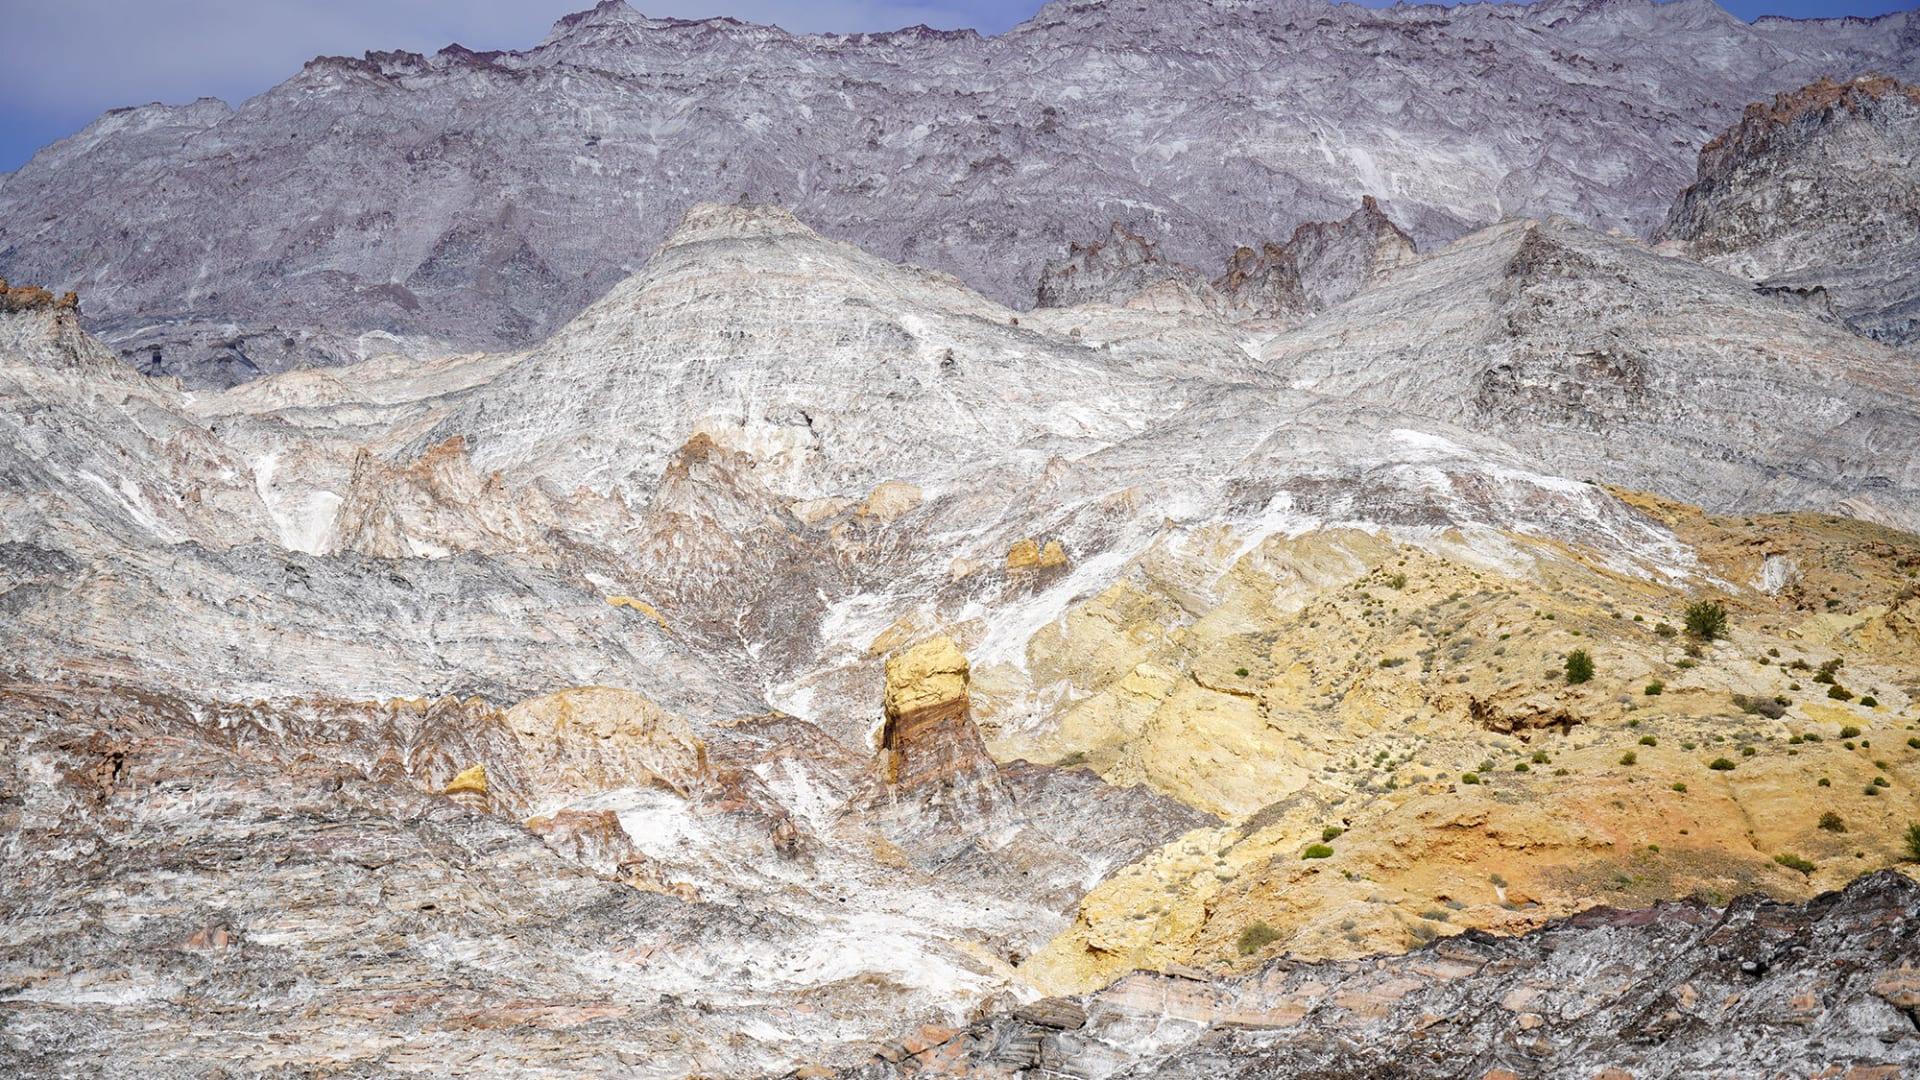 ليس ثلجًا.. ما سر سطوع هذا الجبل بشكل مشرق في إيران؟